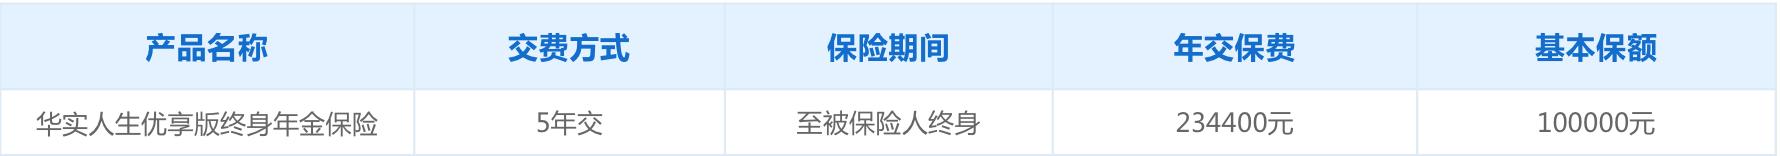 华实-投保案例表.png